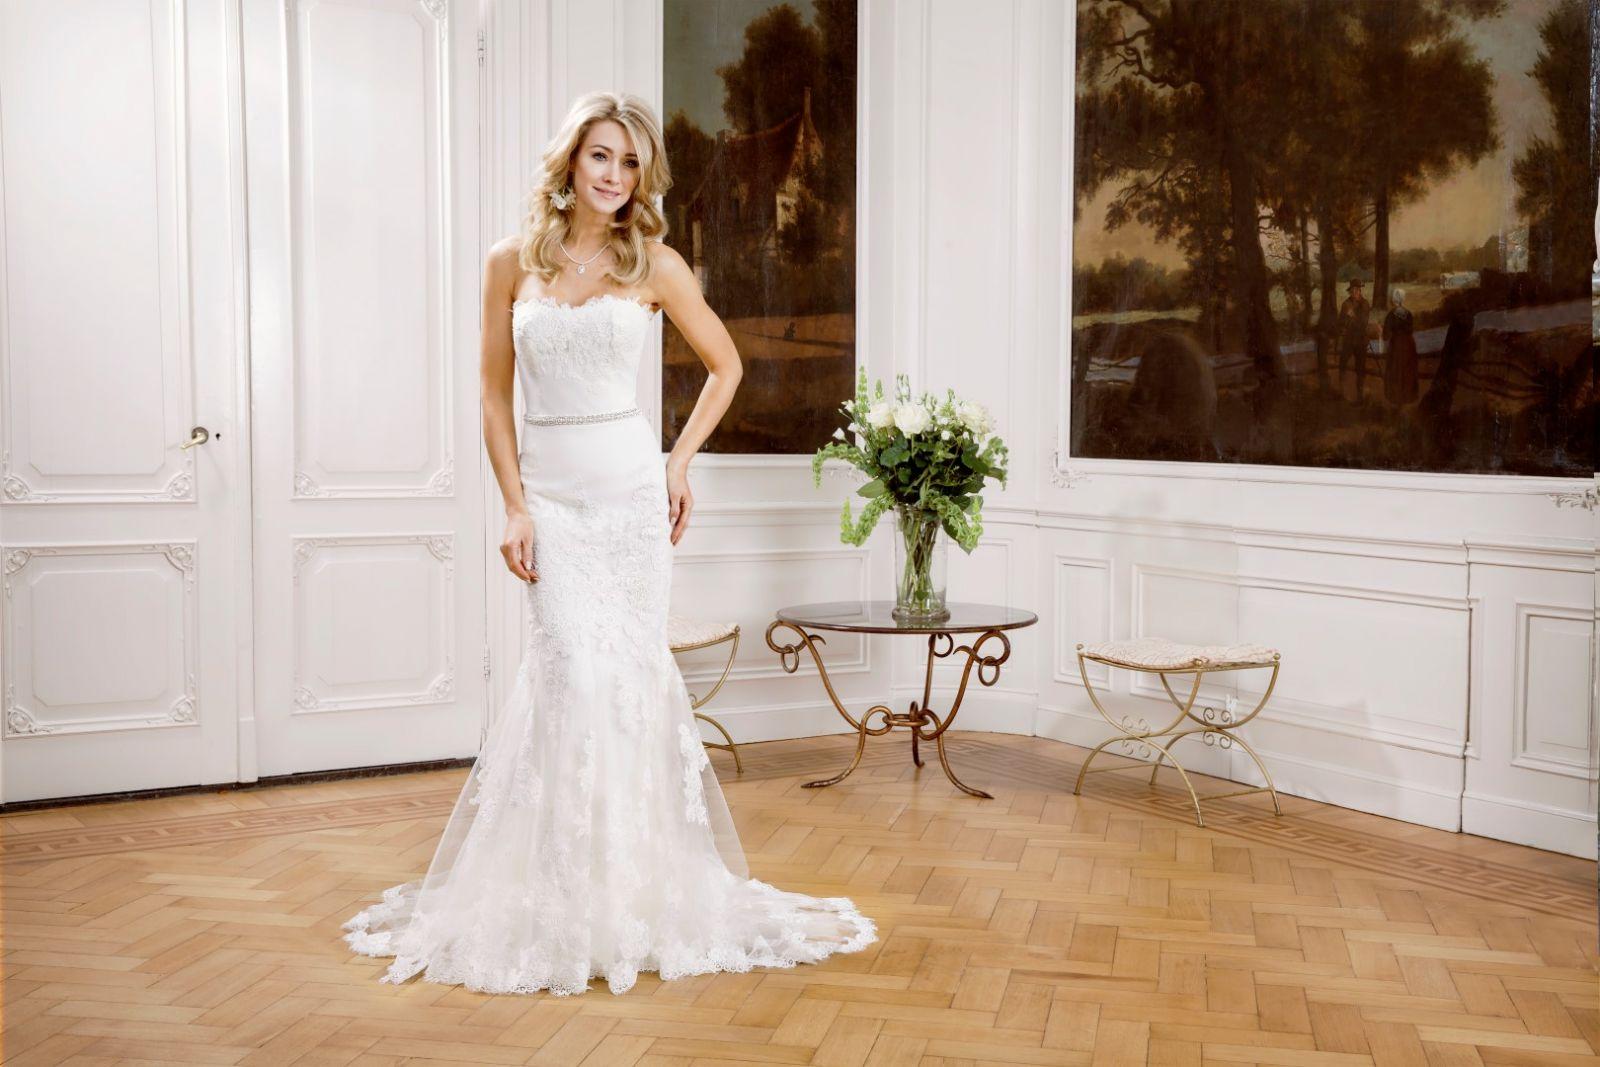 Olva Menyasszonyi Ruha | Modeca Esküvői Ruha Kollekció